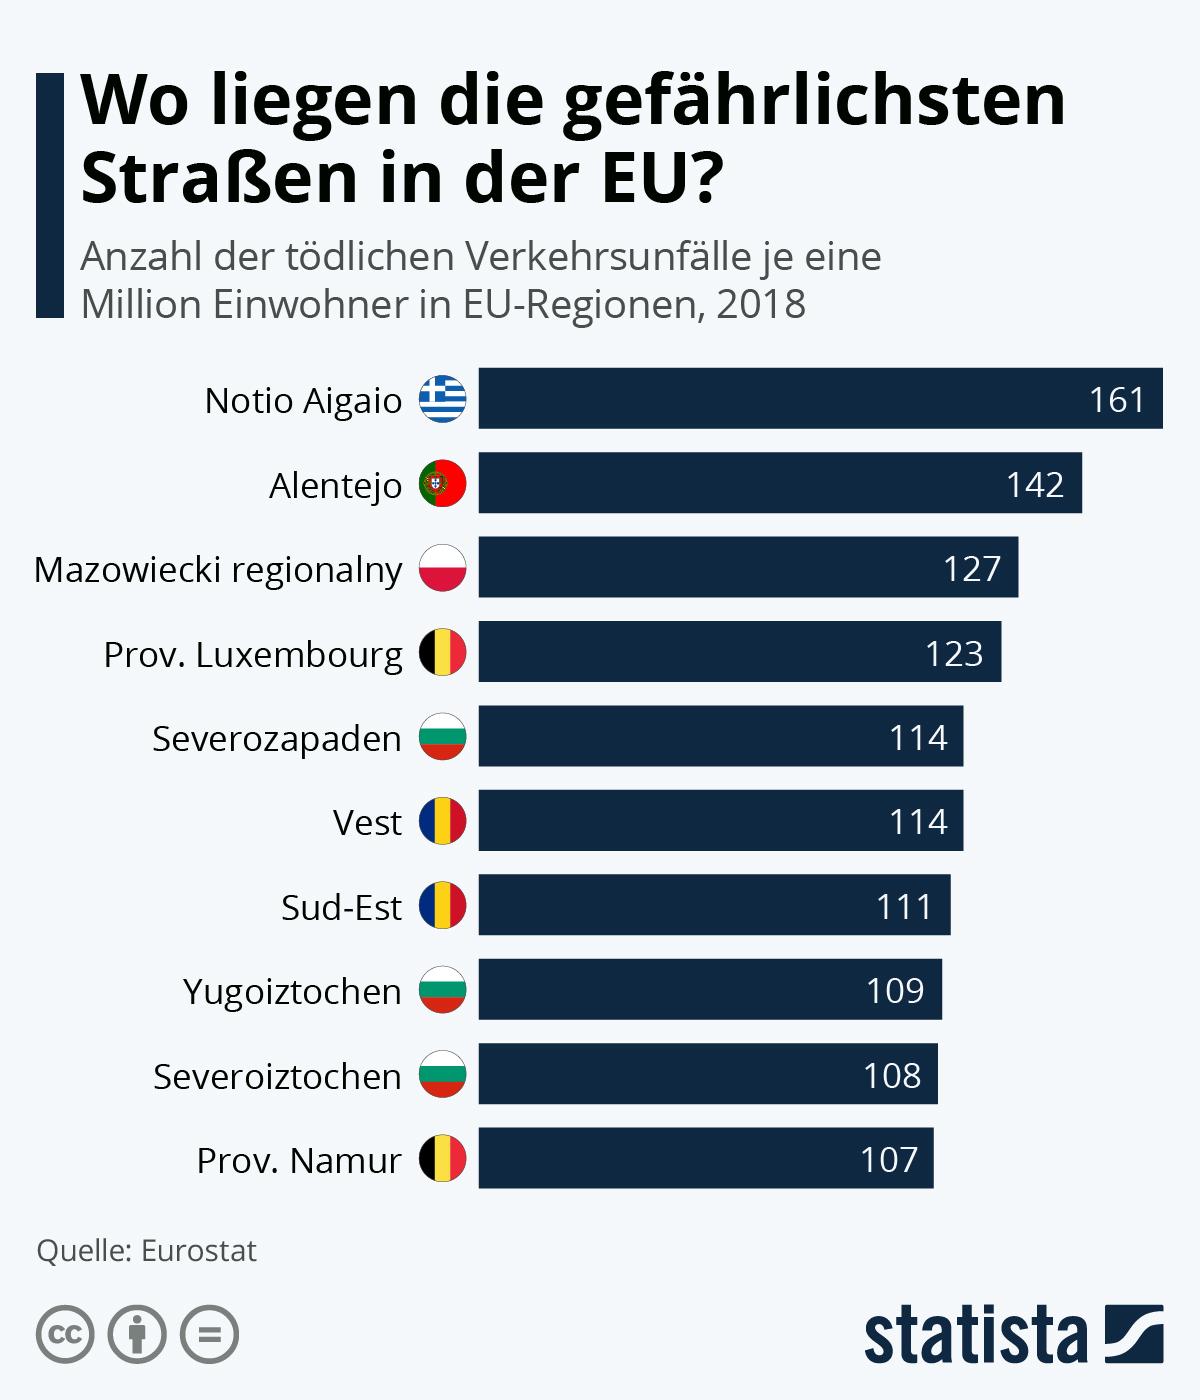 Infografik: Wo liegen die gefährlichsten Straßen in der EU? | Statista